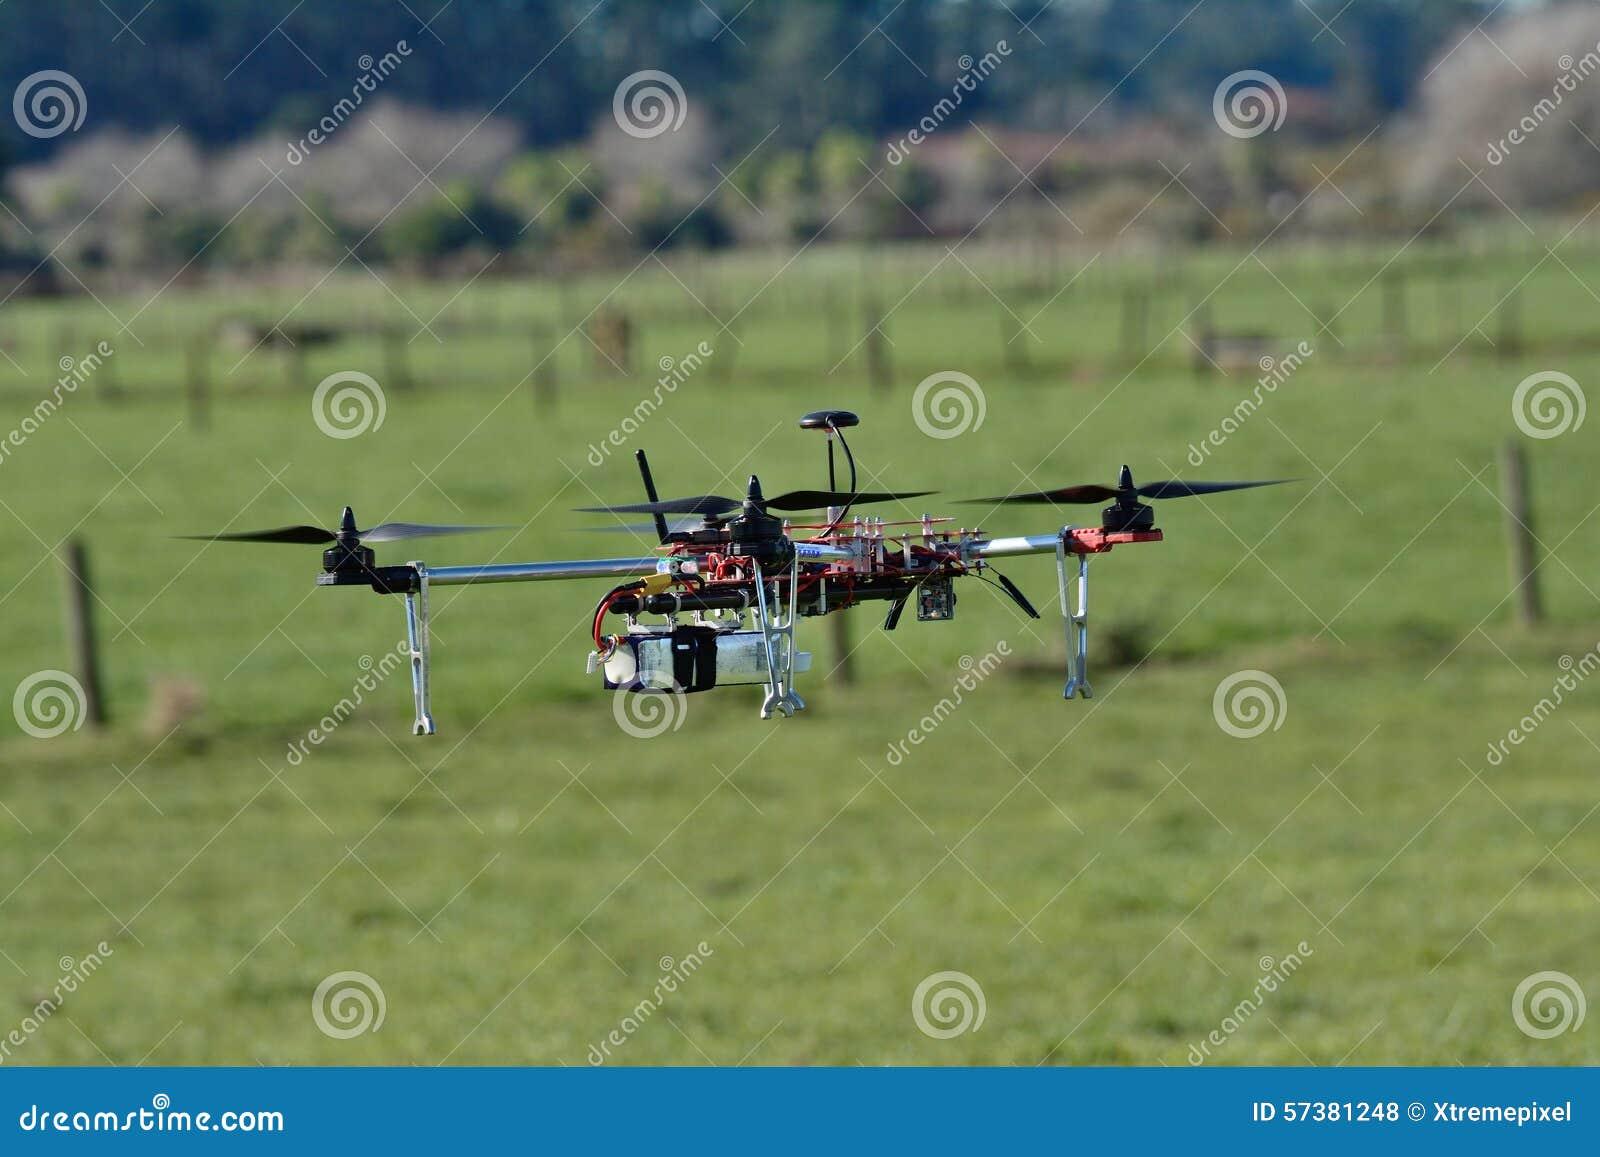 Un bourdon ou un UAV